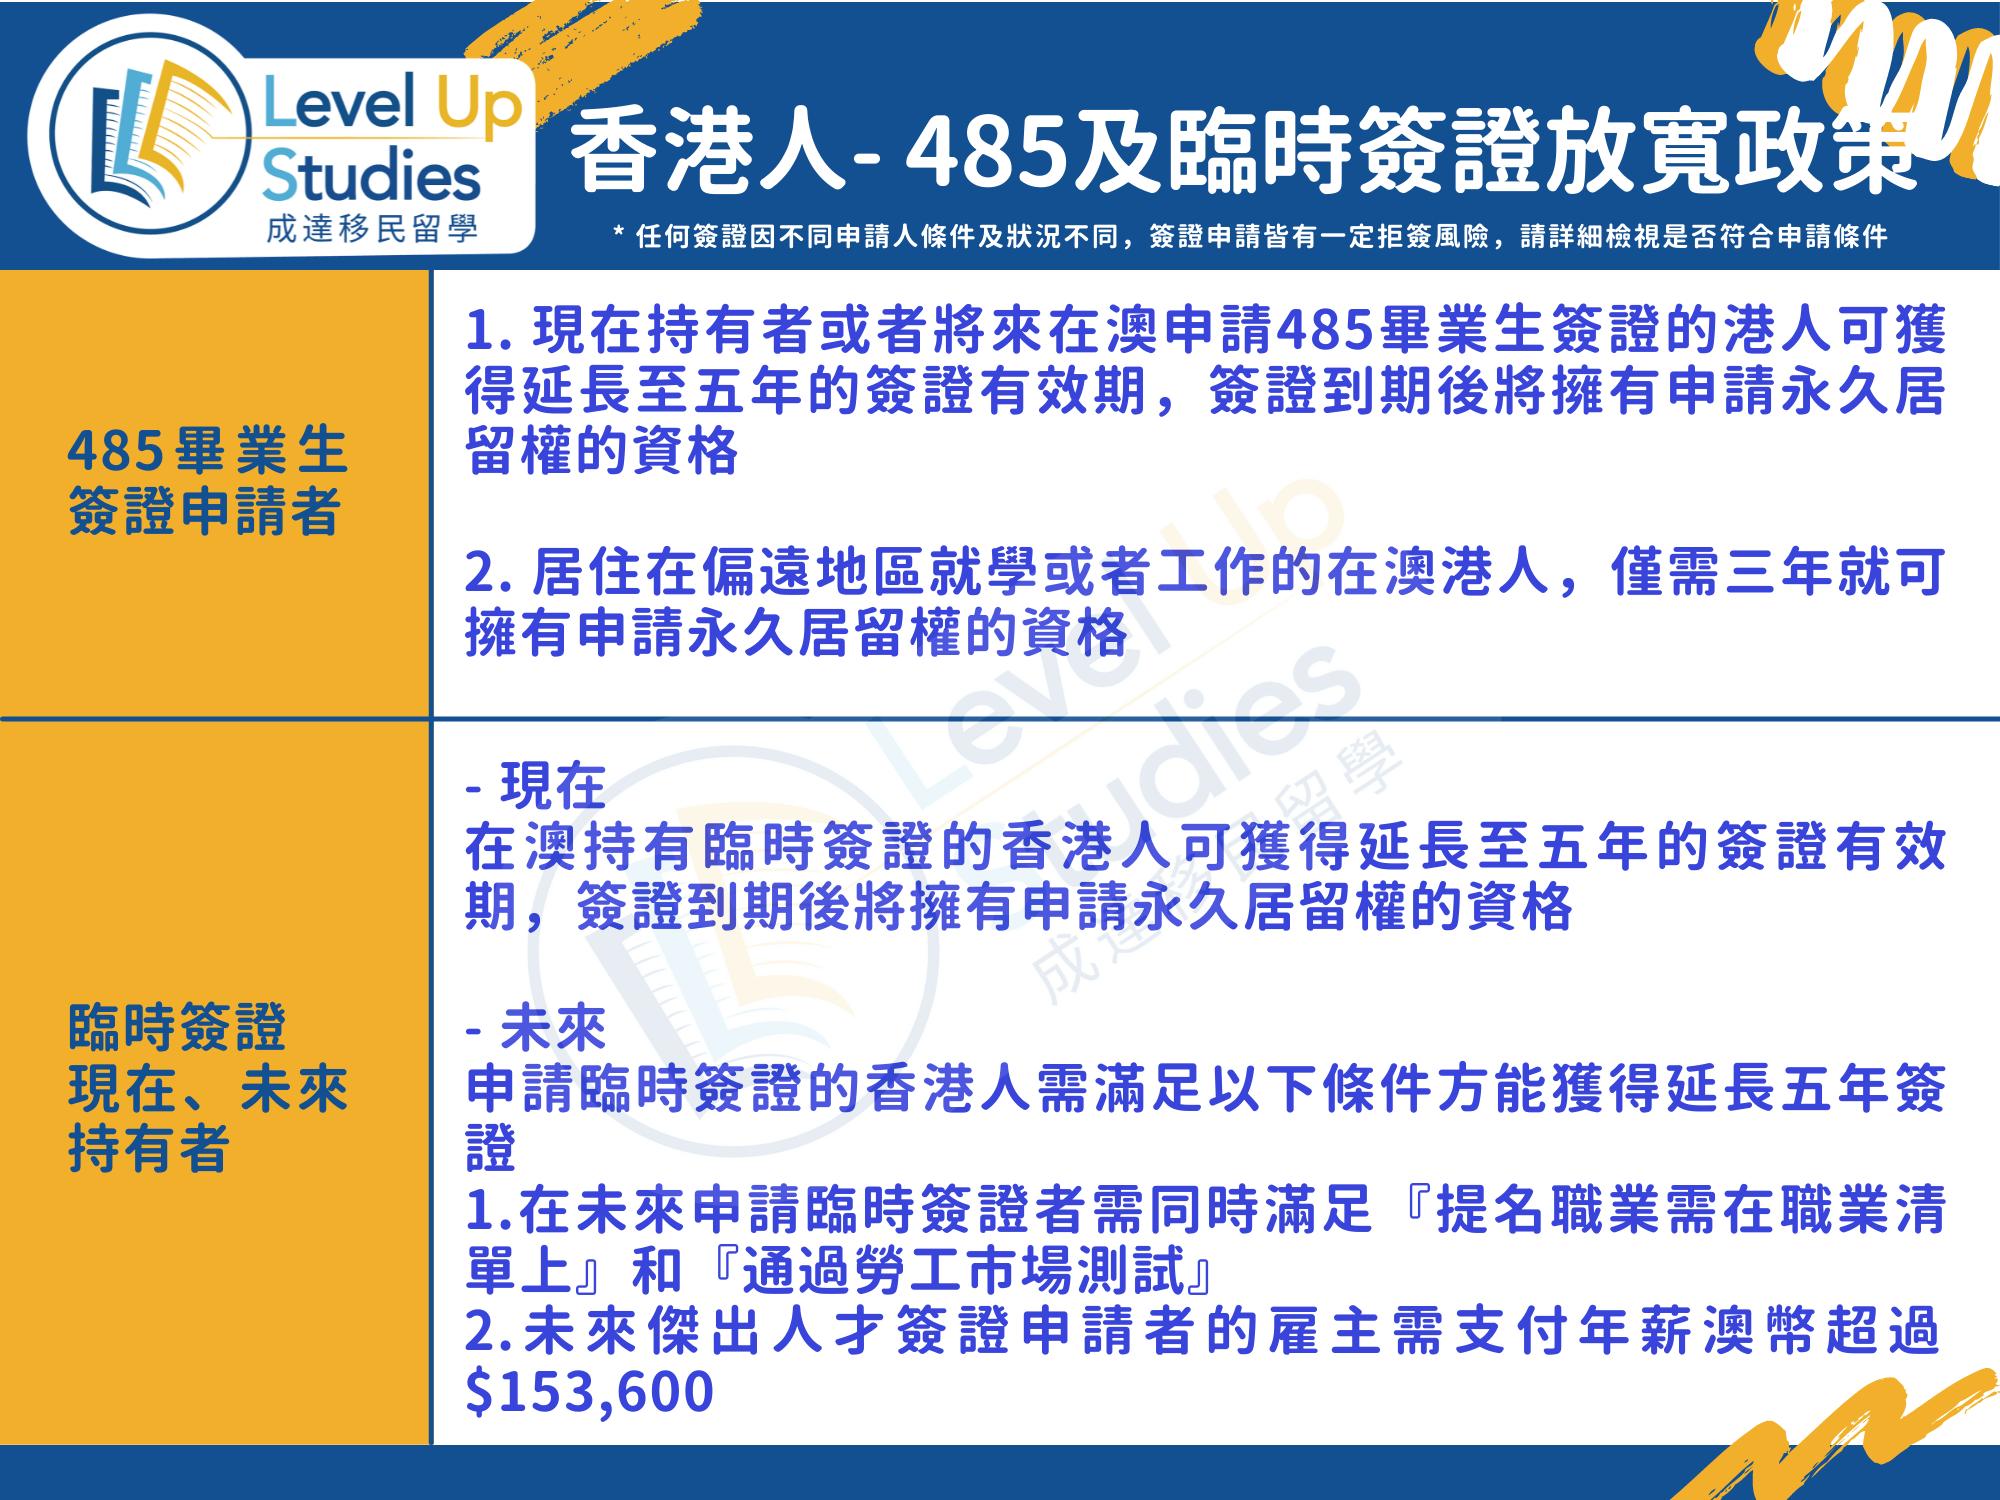 - 485畢業生工作簽證以及臨時簽證放寬政策_